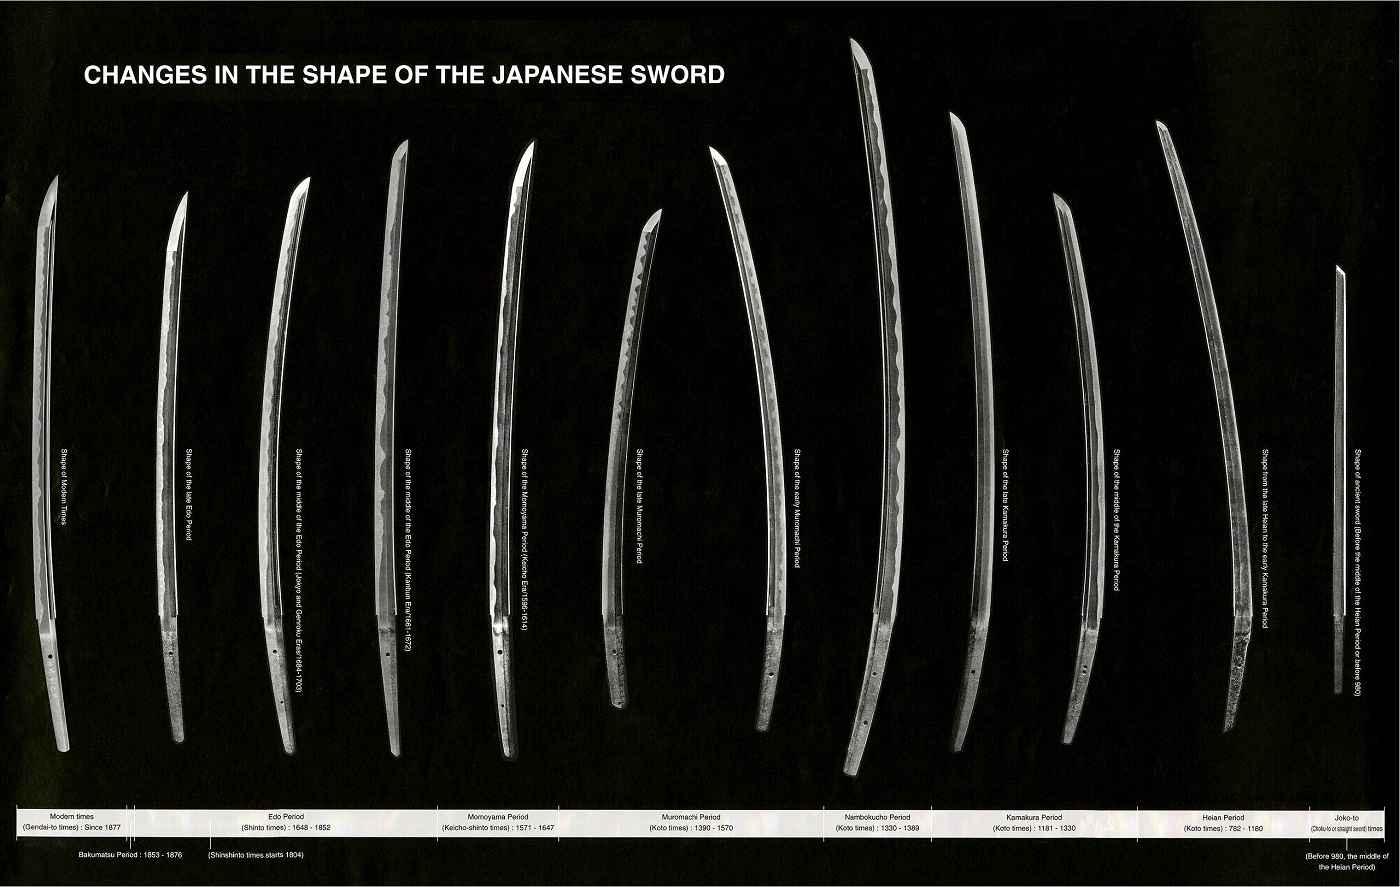 Evoluzione della katana nel corso della storia giapponese